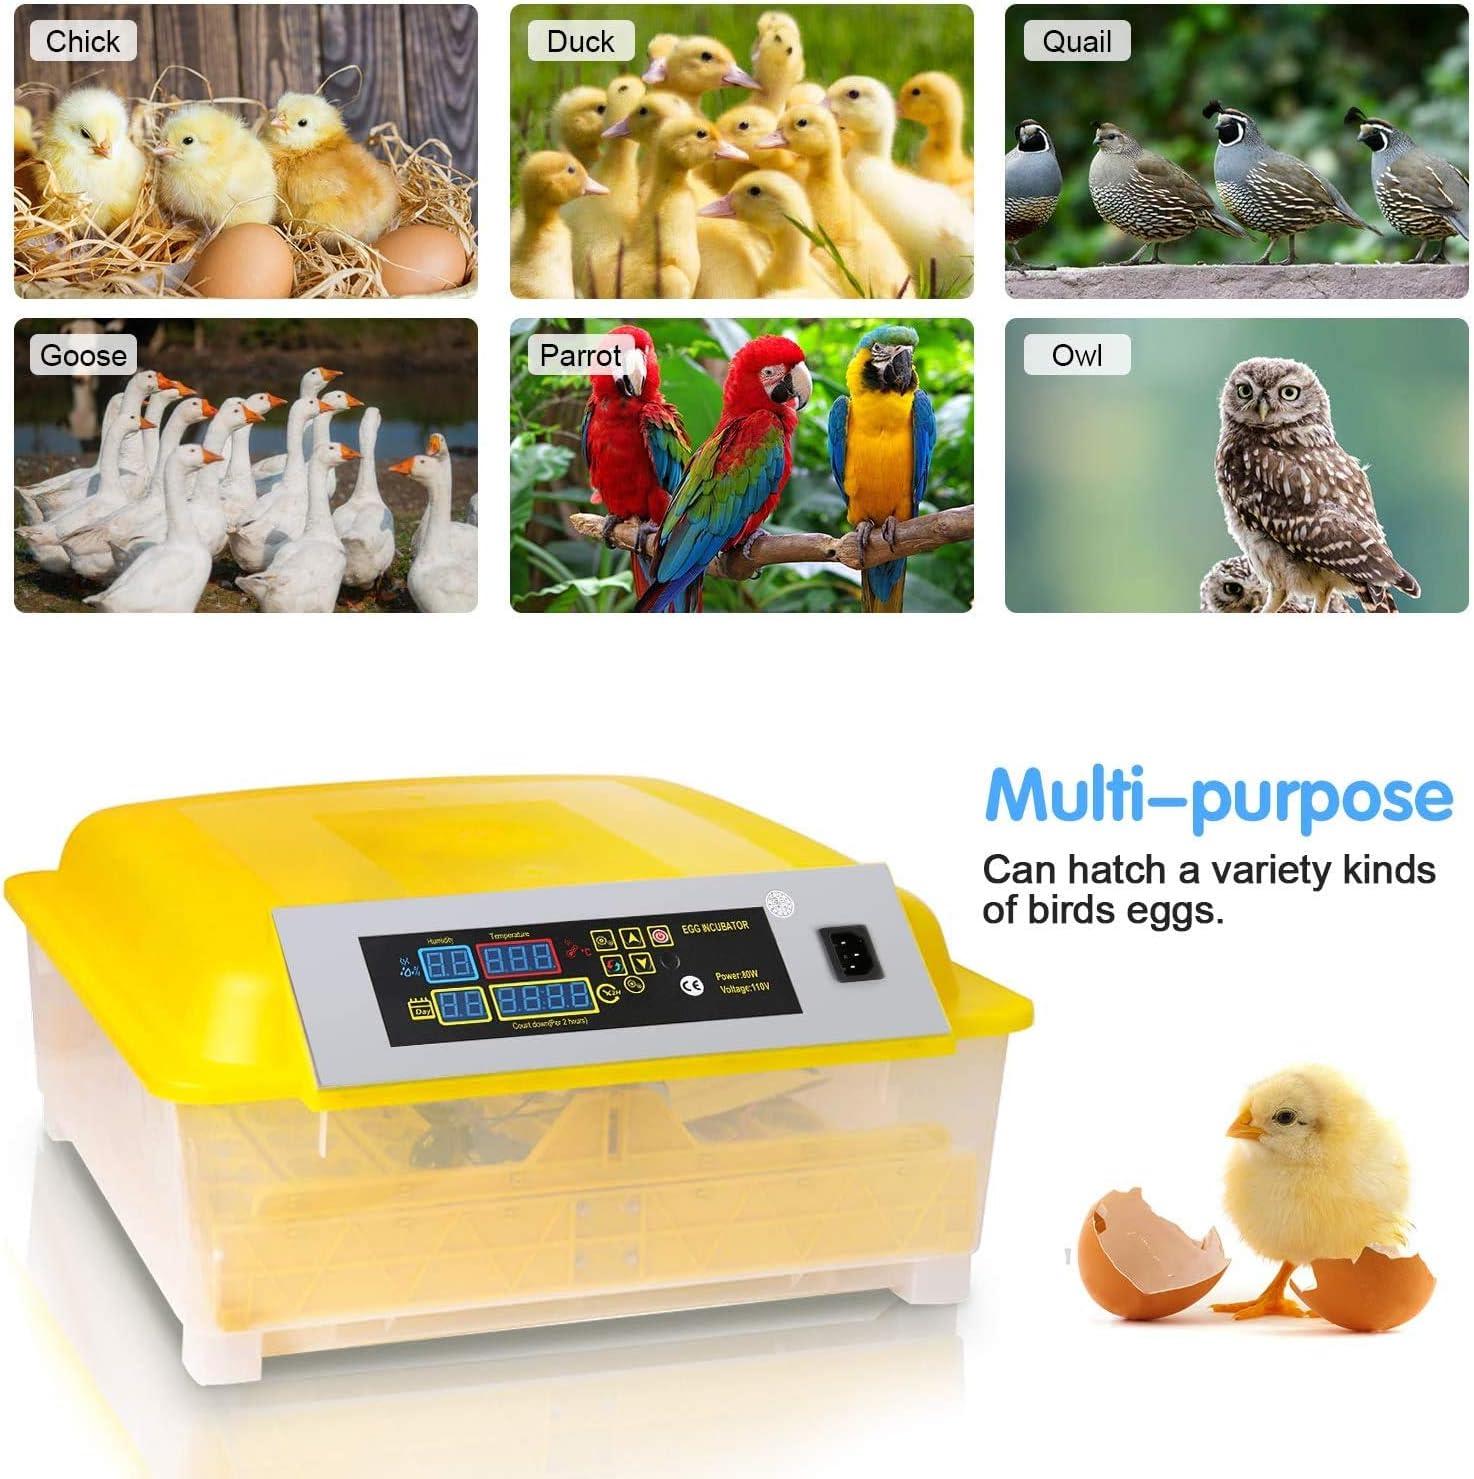 Oppikle 48//56 Eier Intelligentes digitales Brutmaschine Brutkasten mit LED Temperaturanzeige und Feuchtigkeitsregulierung,Inkubator Vollautomatische Brutmaschine